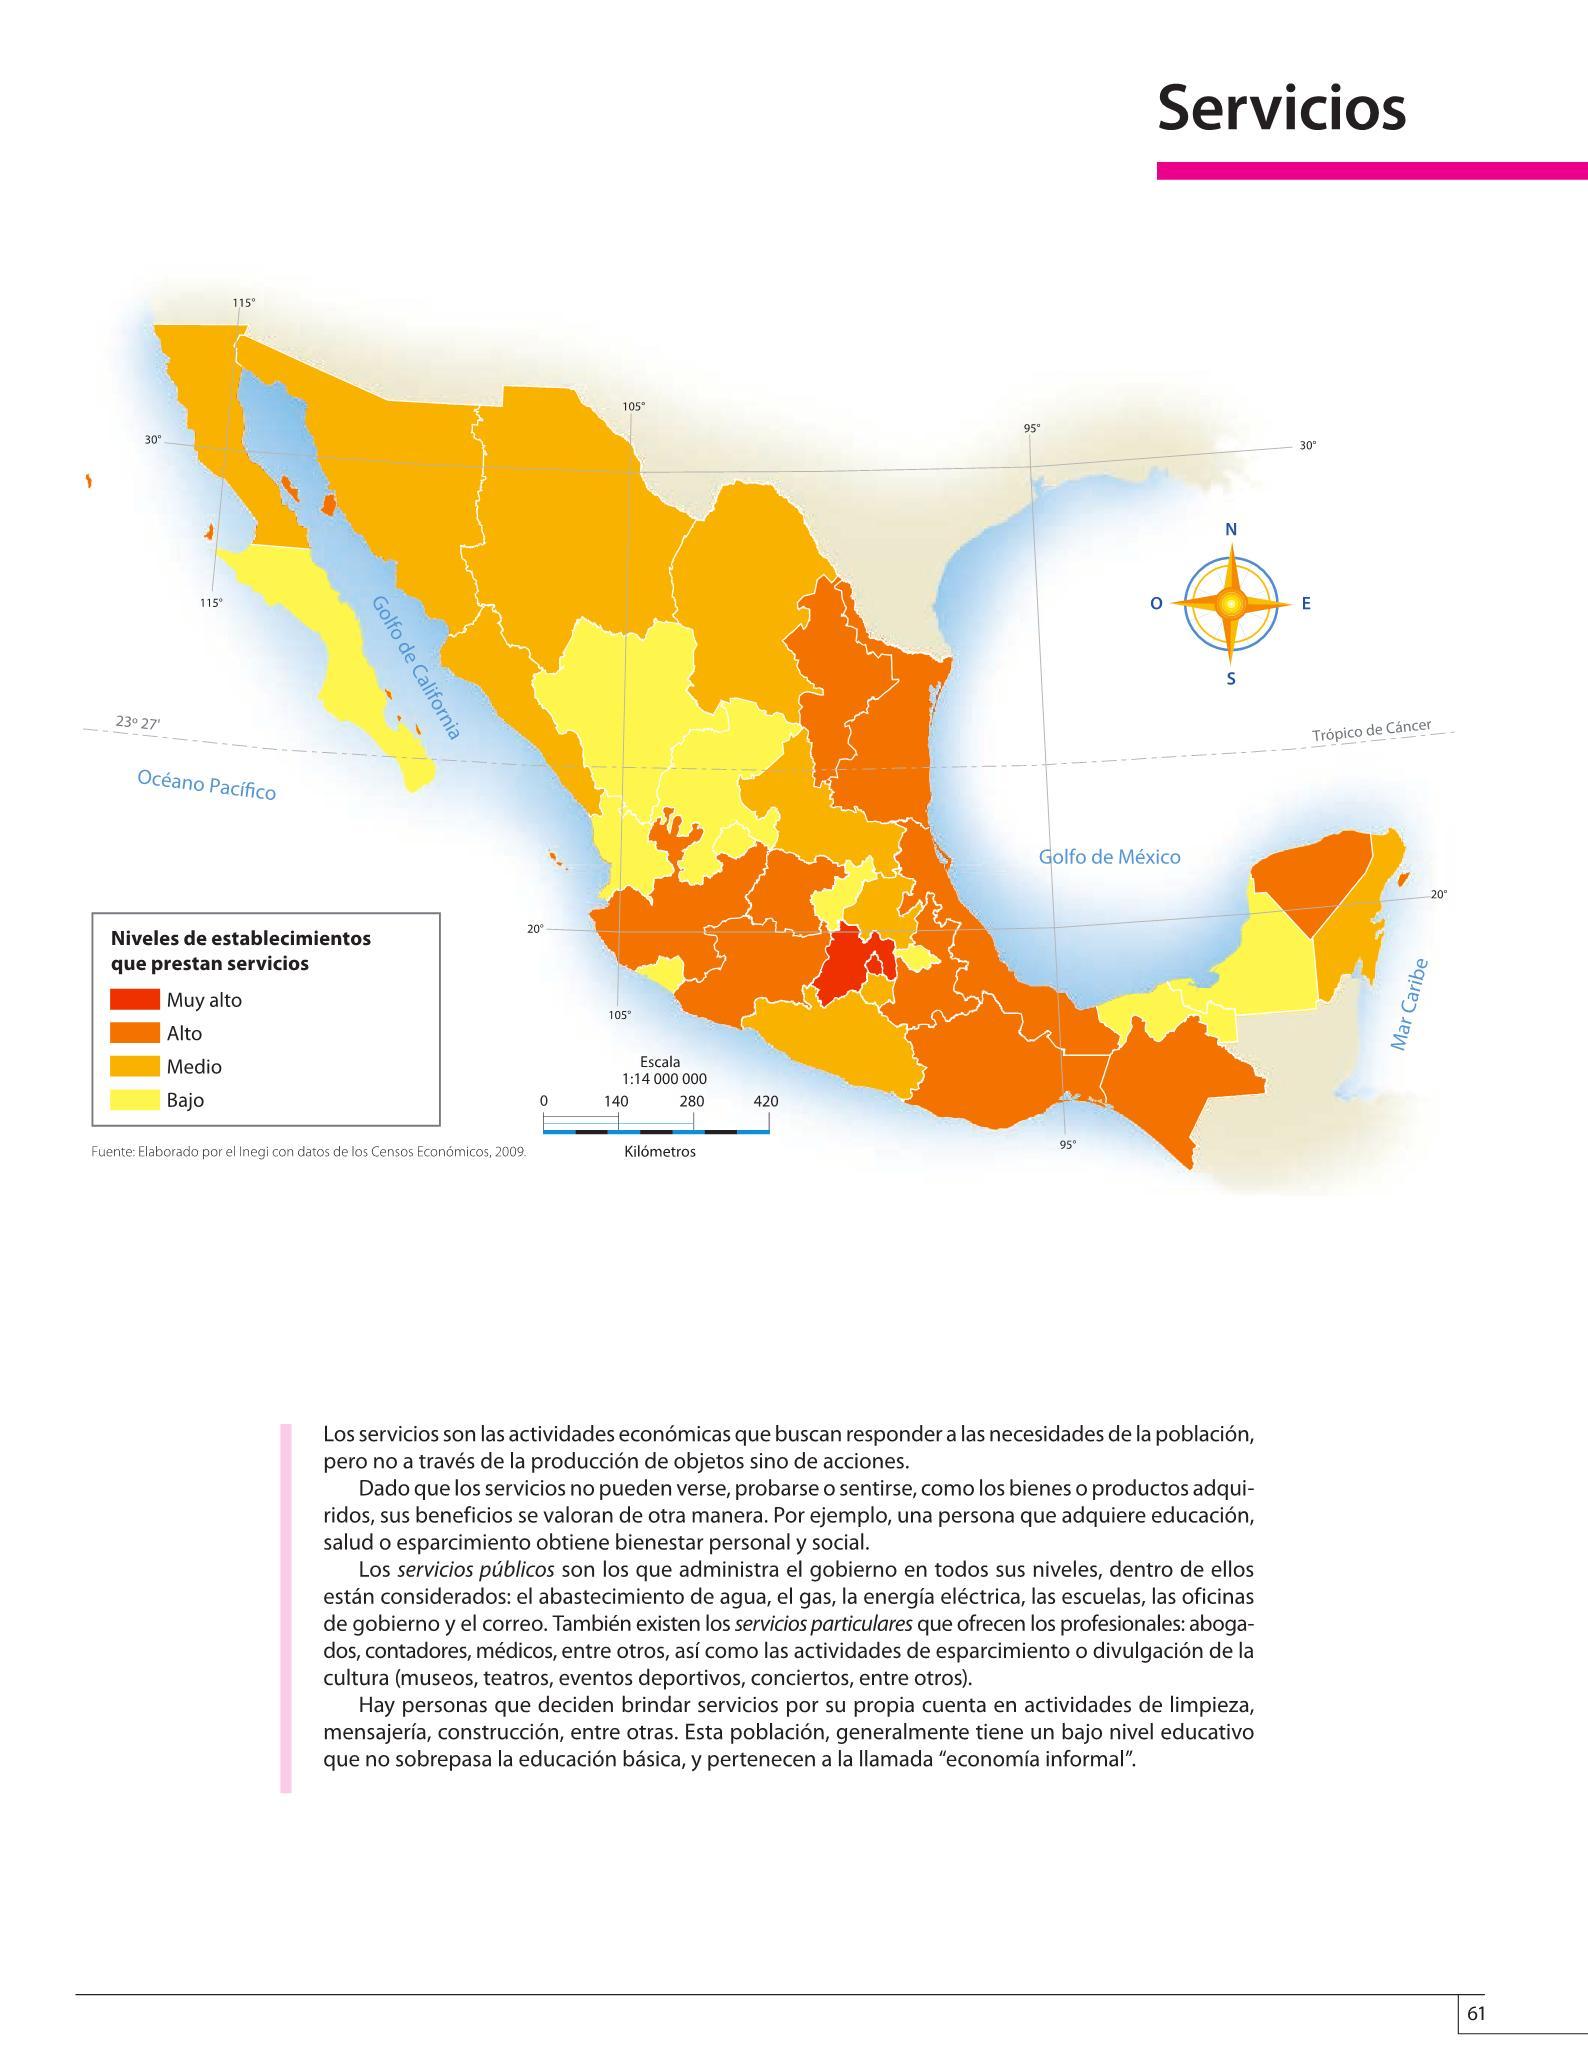 Materia atlas de méxico grado cuarto grado ciclo escolar 2019 2020 formato digital pdf secretaría educación pública descargar pdf. Atlas De Mexico Cuarto Grado 2016 2017 Online Pagina 61 De 128 Libros De Texto Online